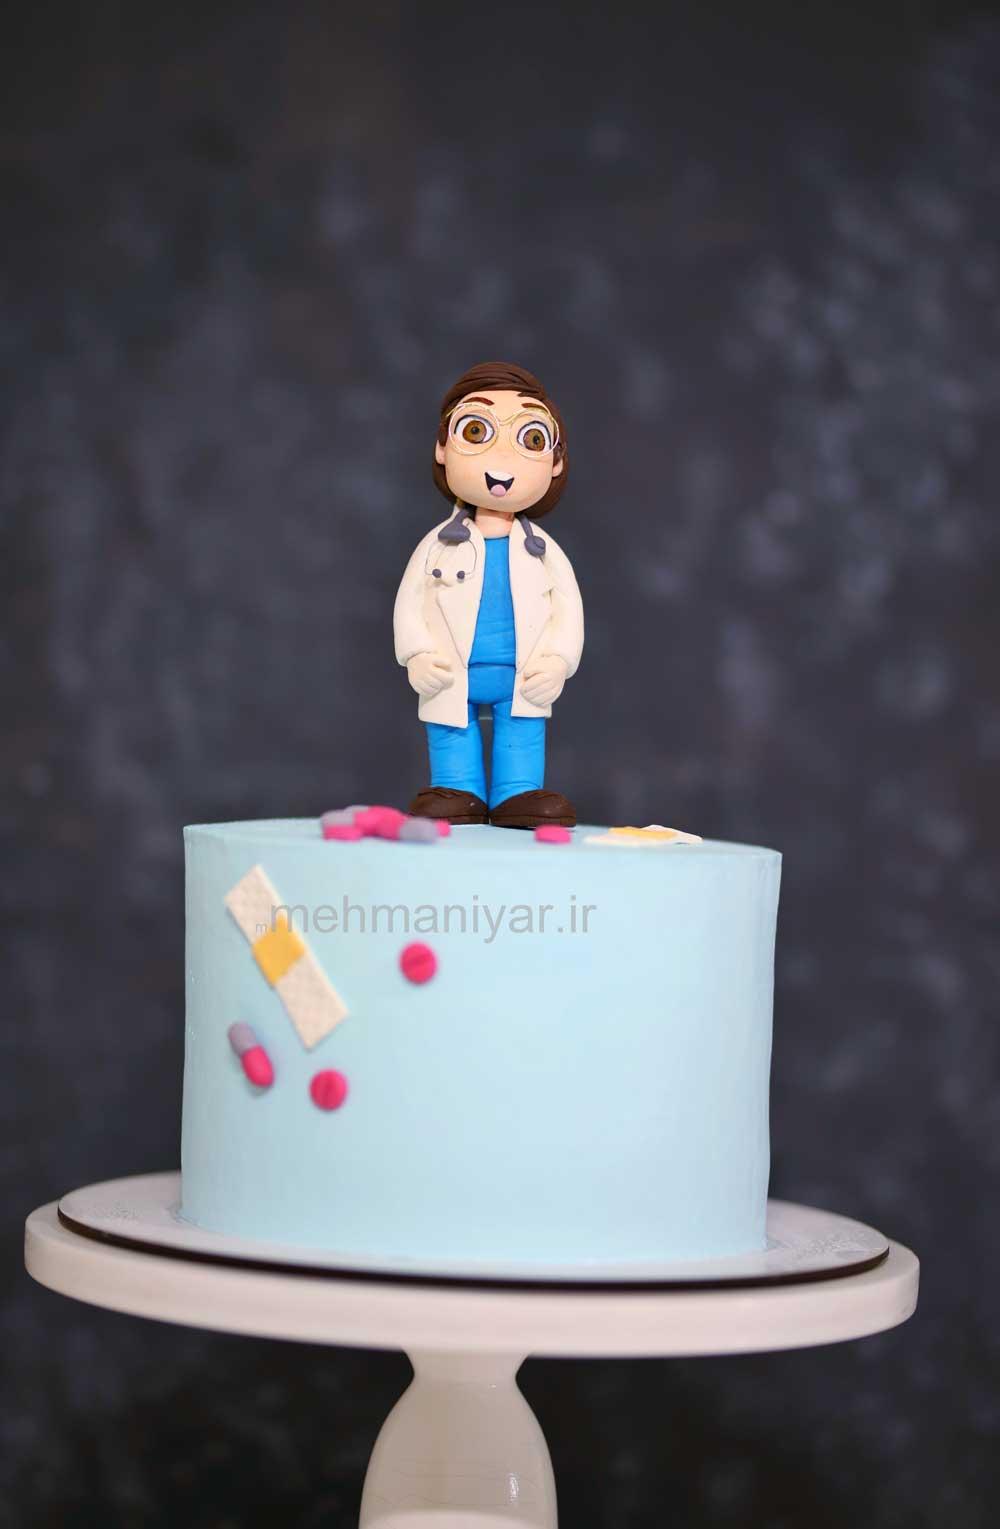 کیک پزشک شاد